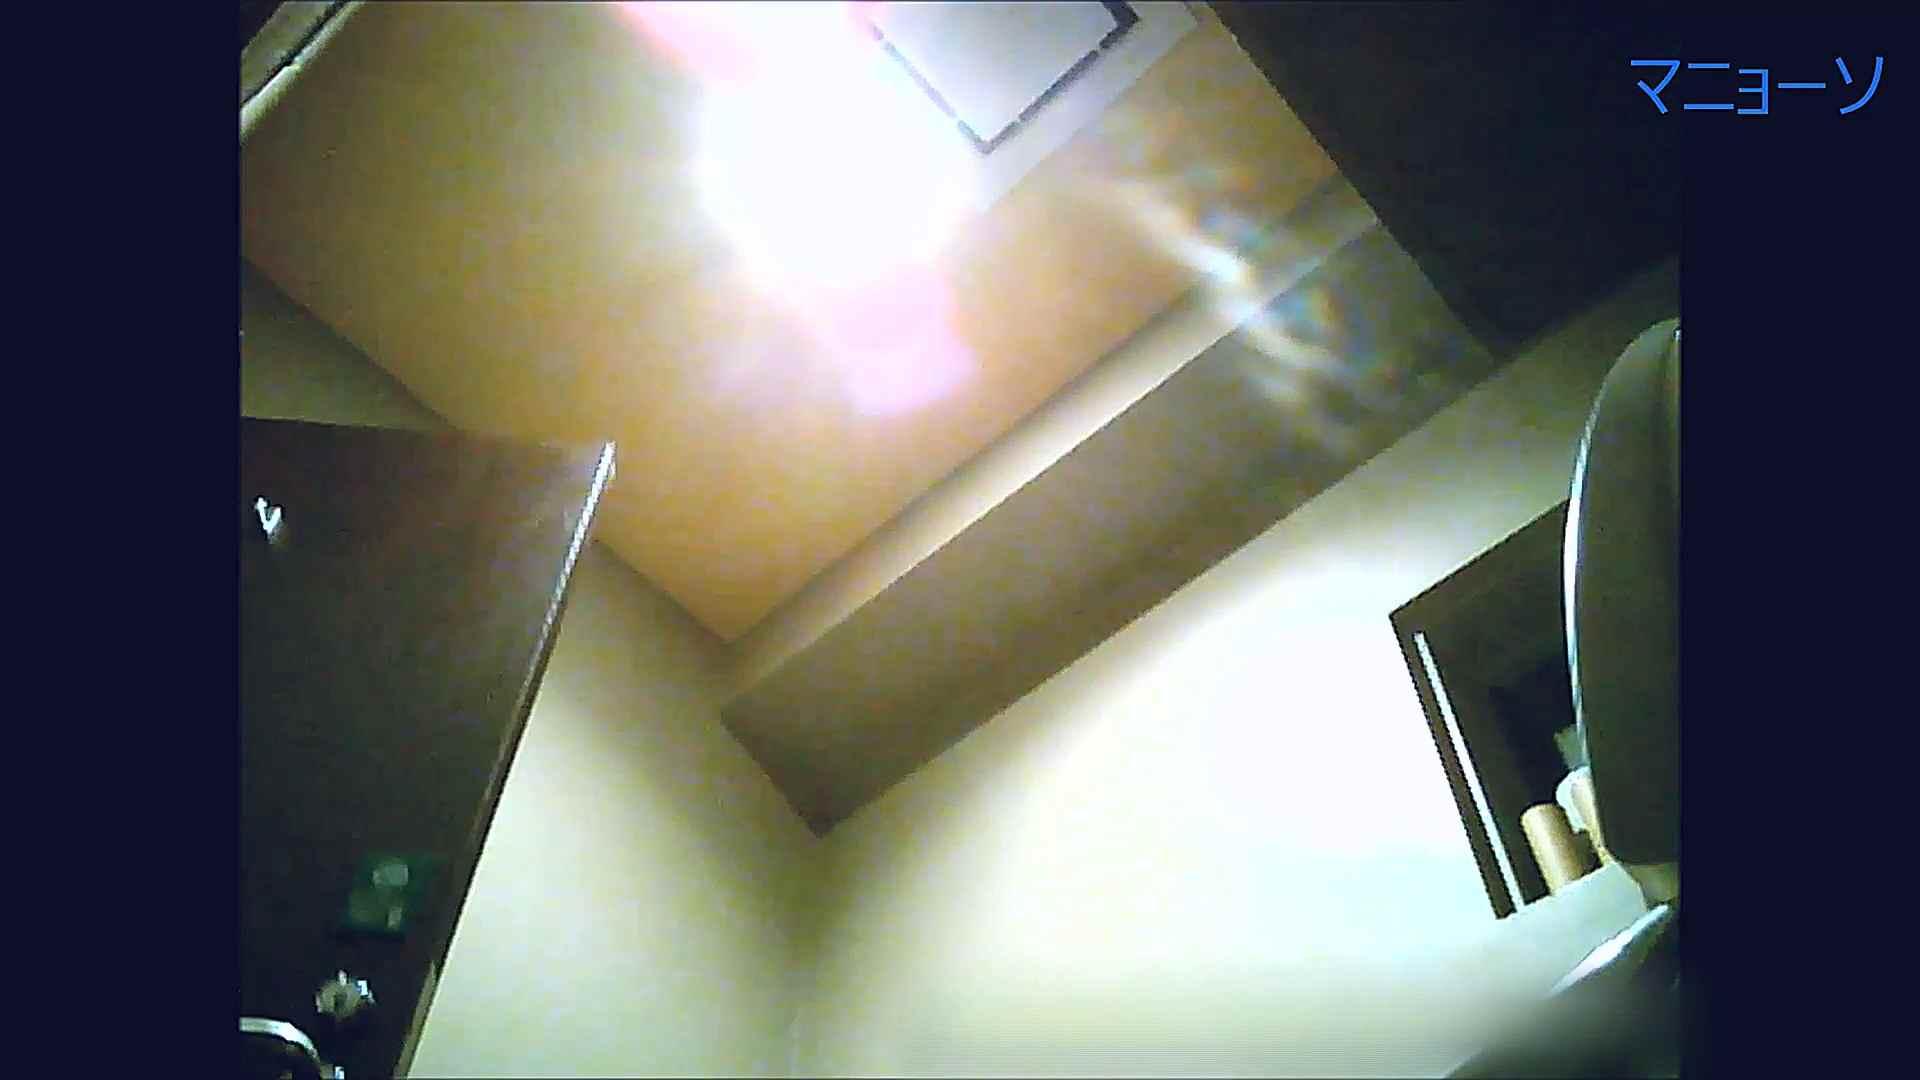 トイレでひと肌脱いでもらいました (OL編)Vol.13 トイレ盗撮 セックス画像 81枚 62